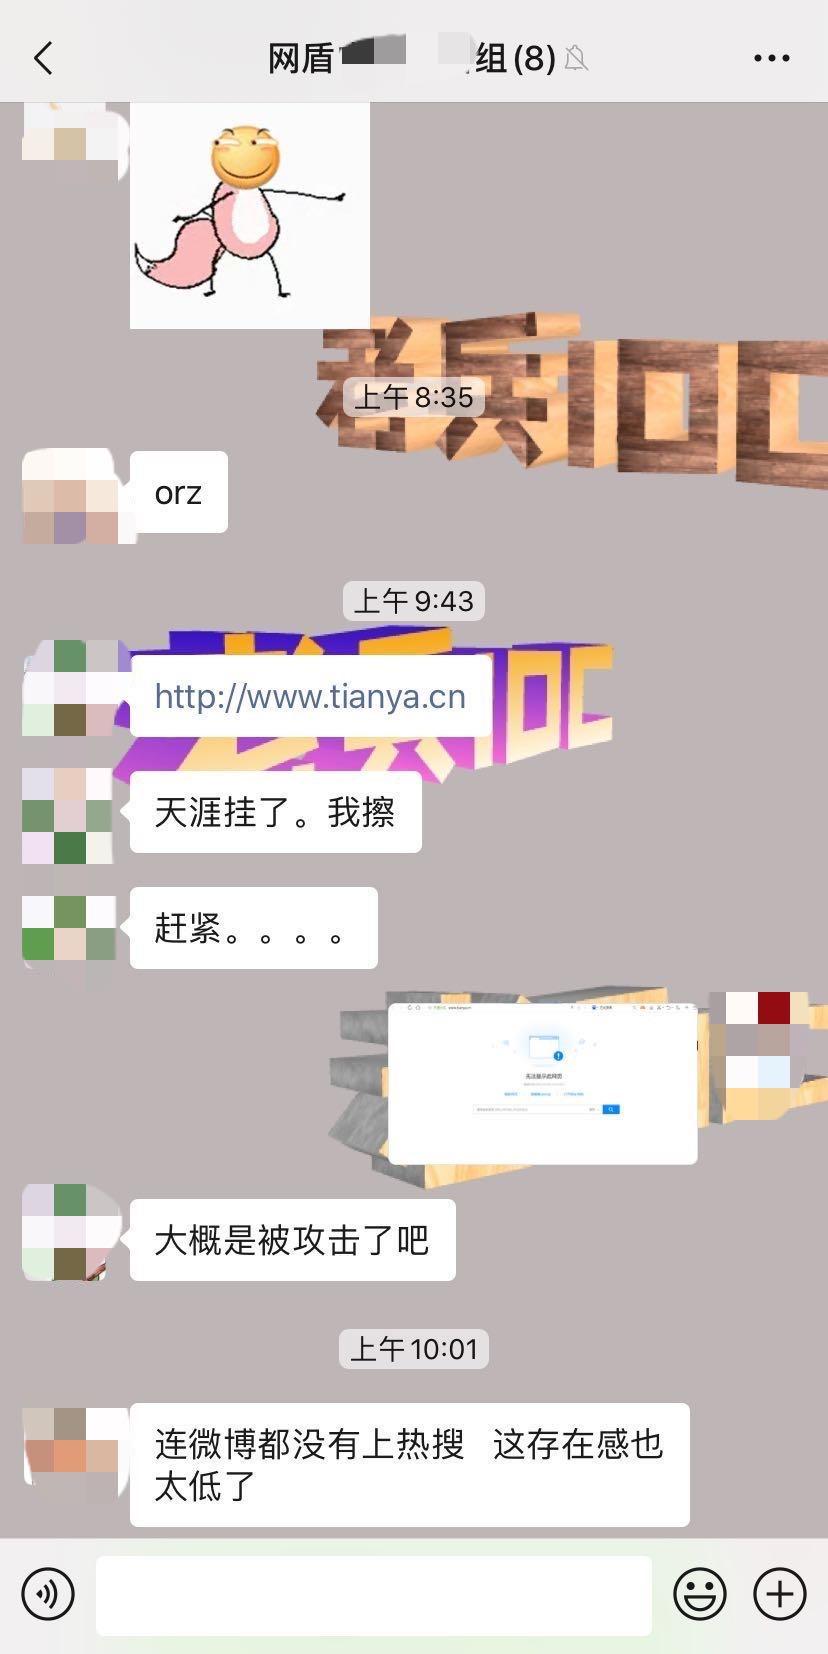 微信图片_20200806163525.jpg